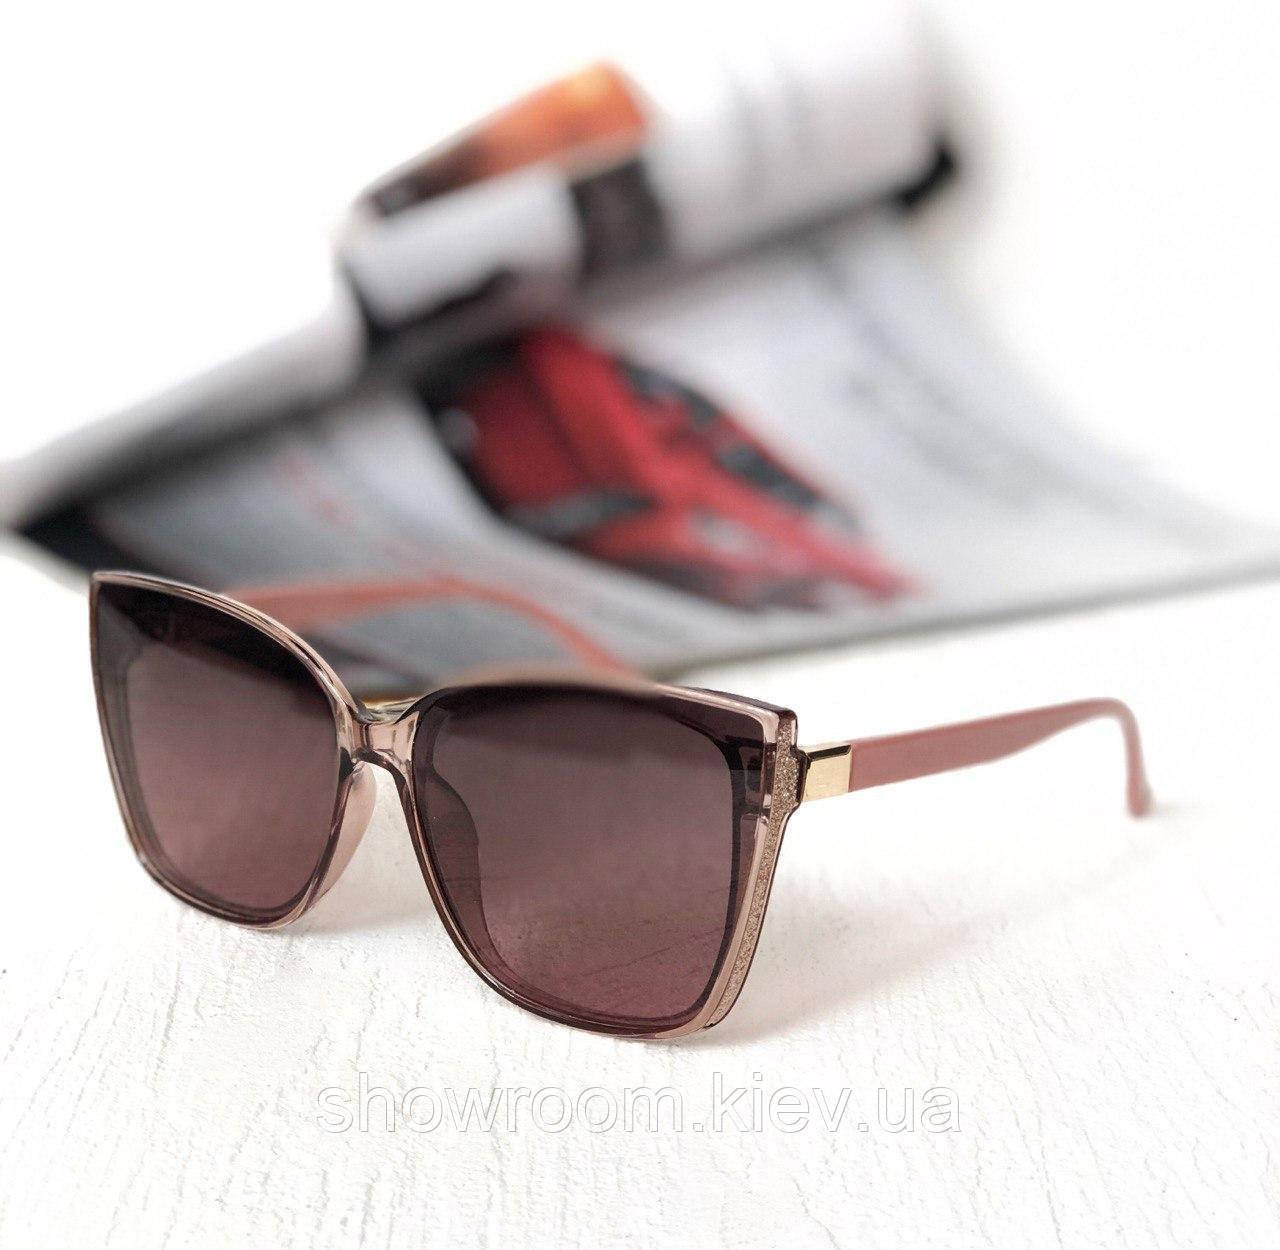 Женские солнцезащитные очки с поляризацией (50050) rose